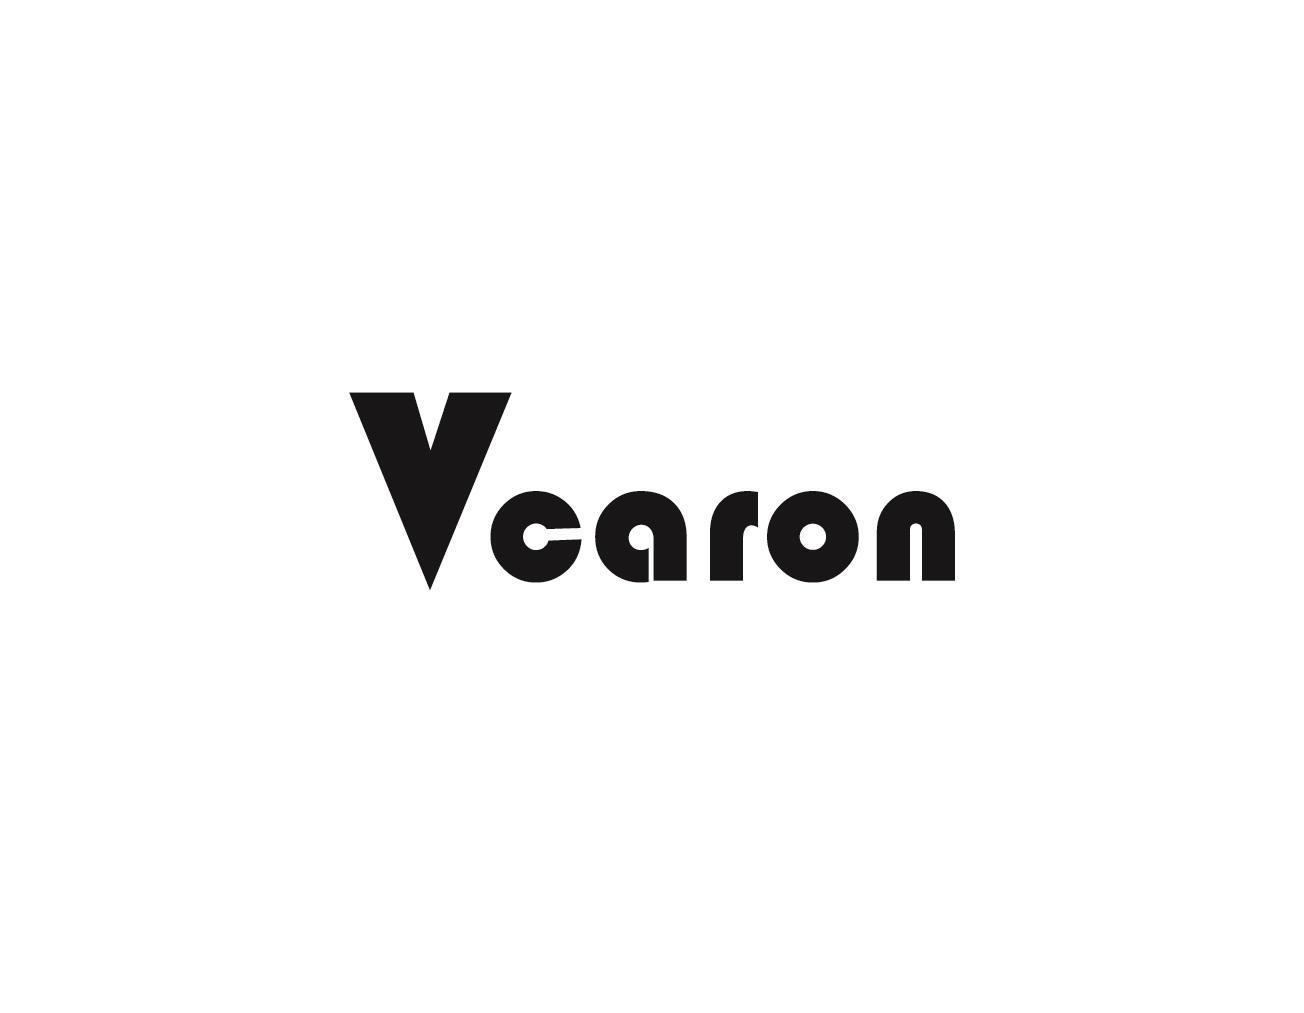 VCARON